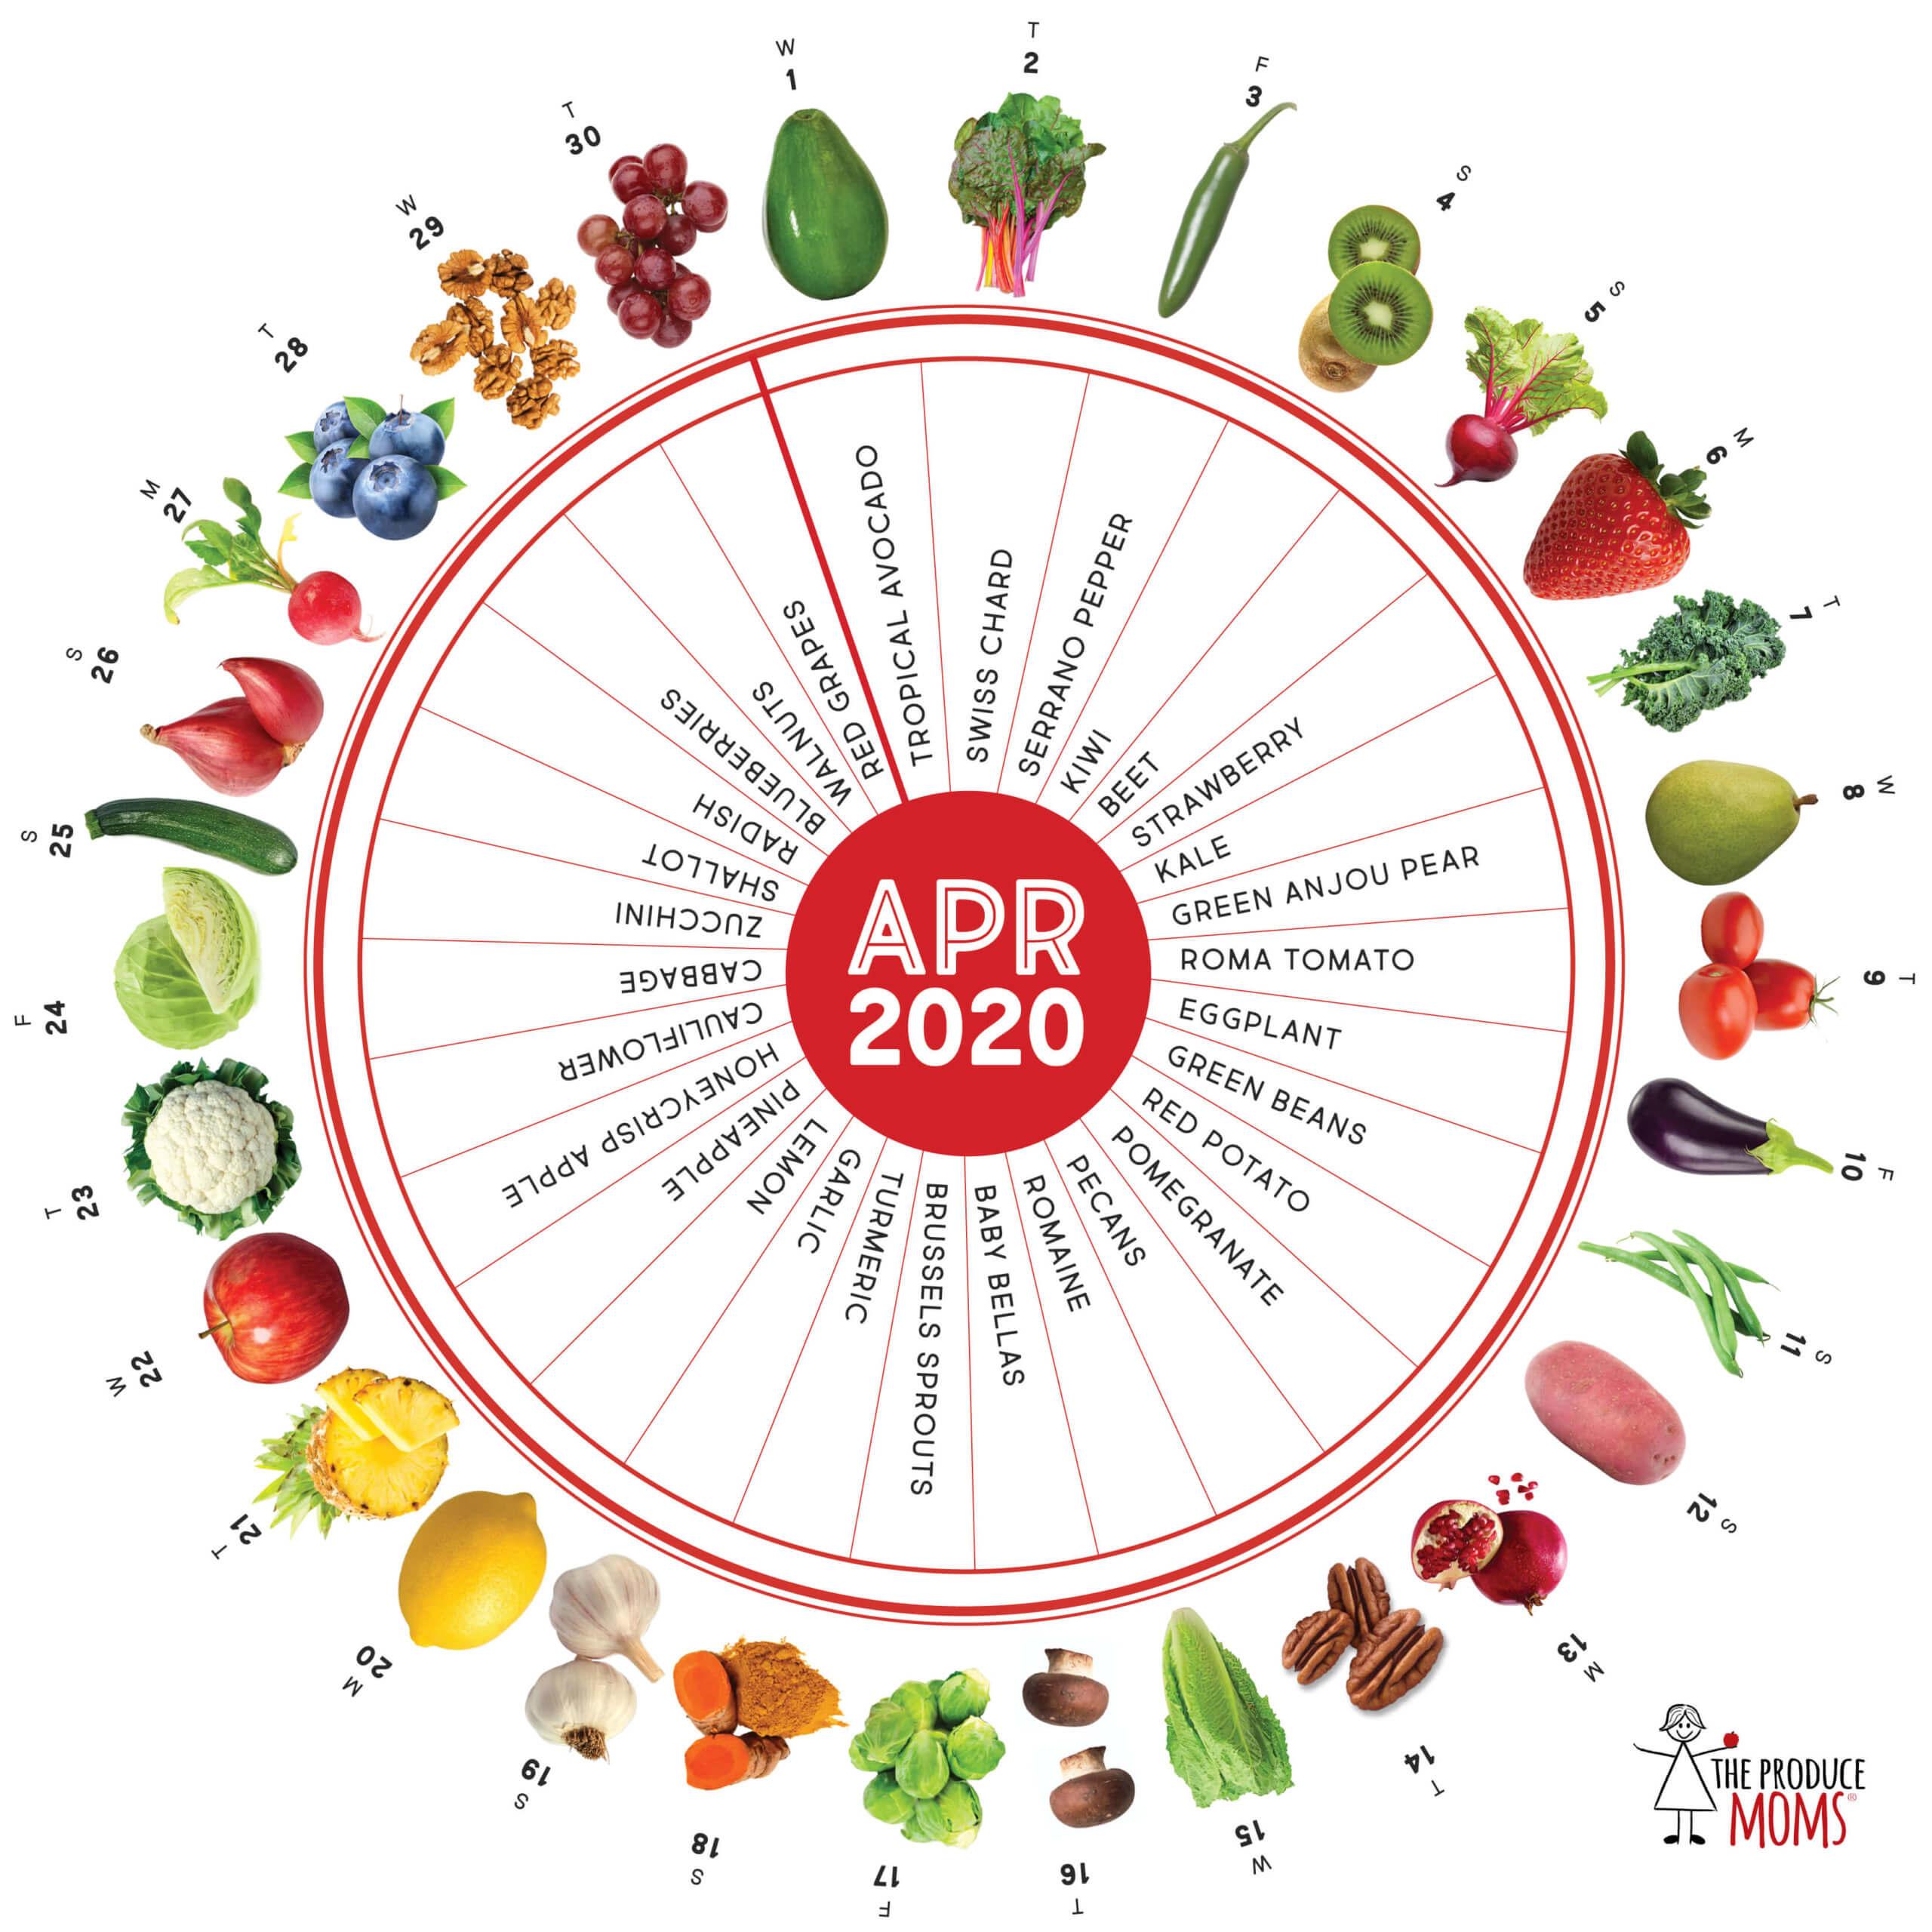 April 2020 Produce Challenge Calendar